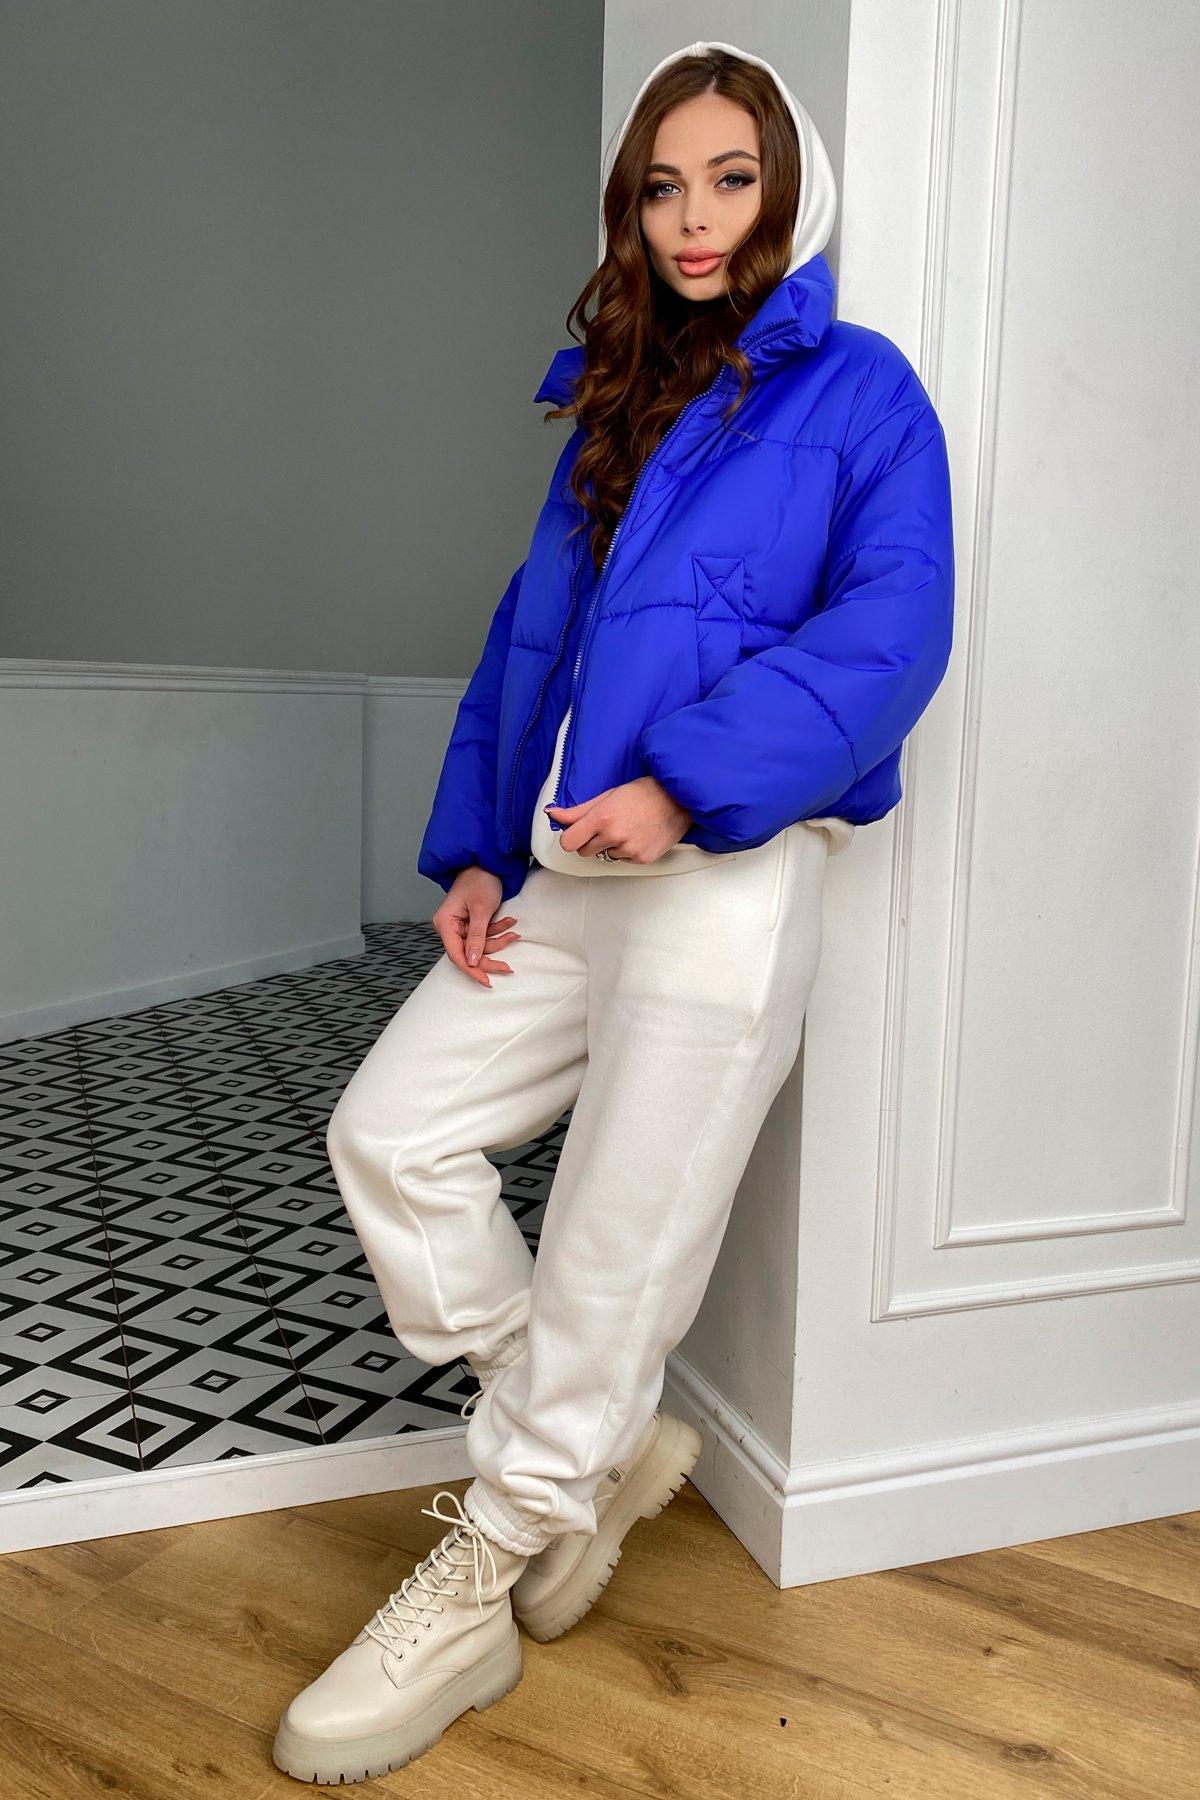 Драйв куртка из плащевой ткани 10448 АРТ. 46769 Цвет: Электрик 1052 - фото 6, интернет магазин tm-modus.ru